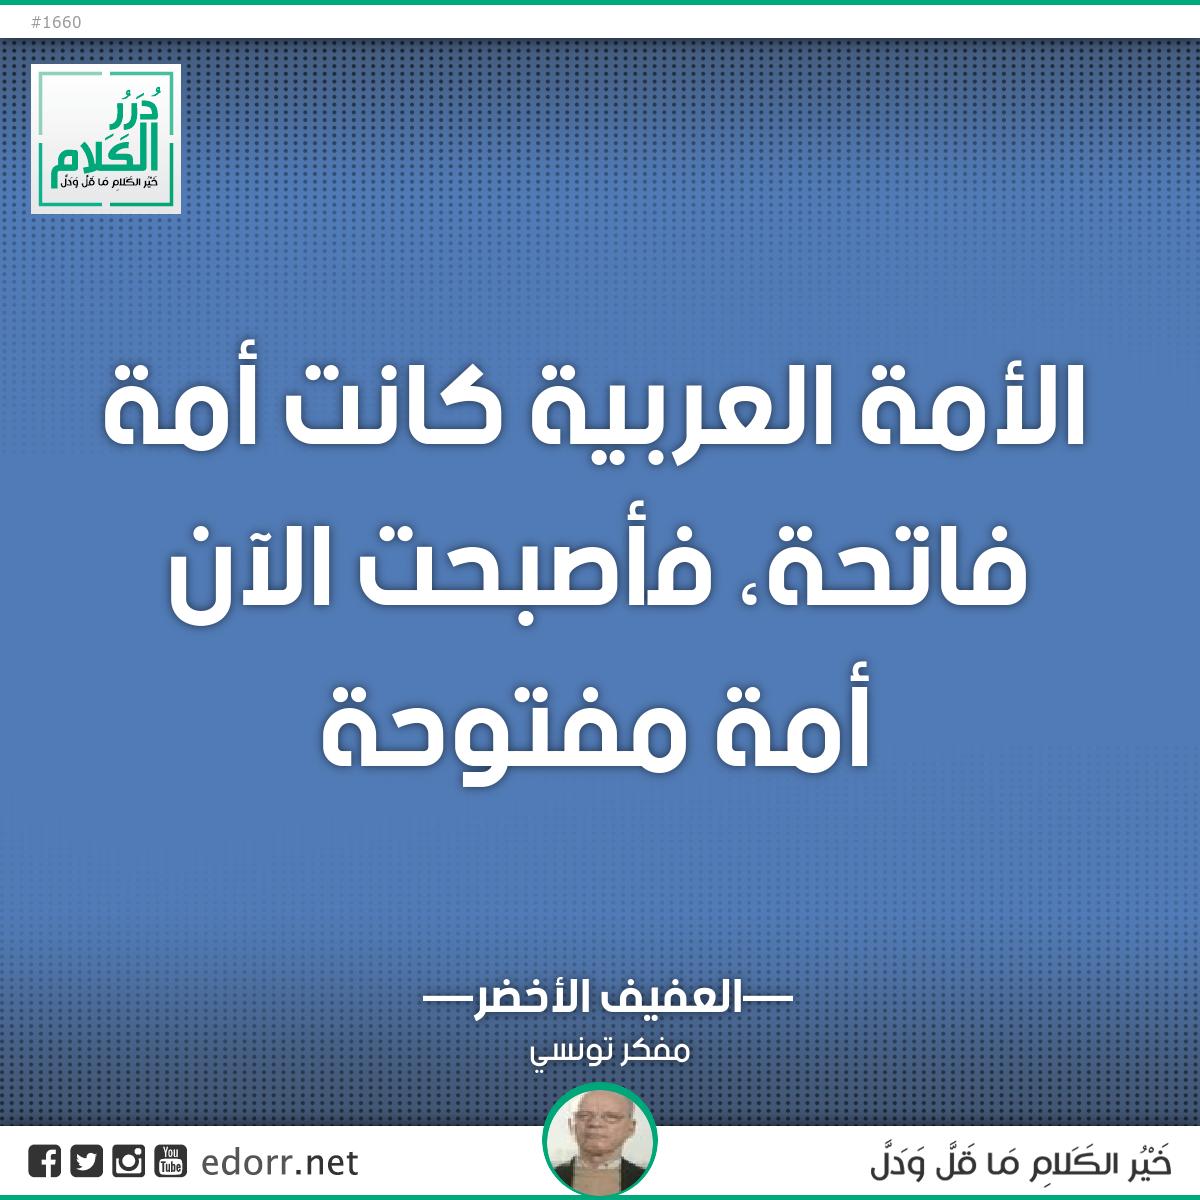 الأمة العربية كانت أمة فاتحة، فأصبحت الآن أمة مفتوحة.